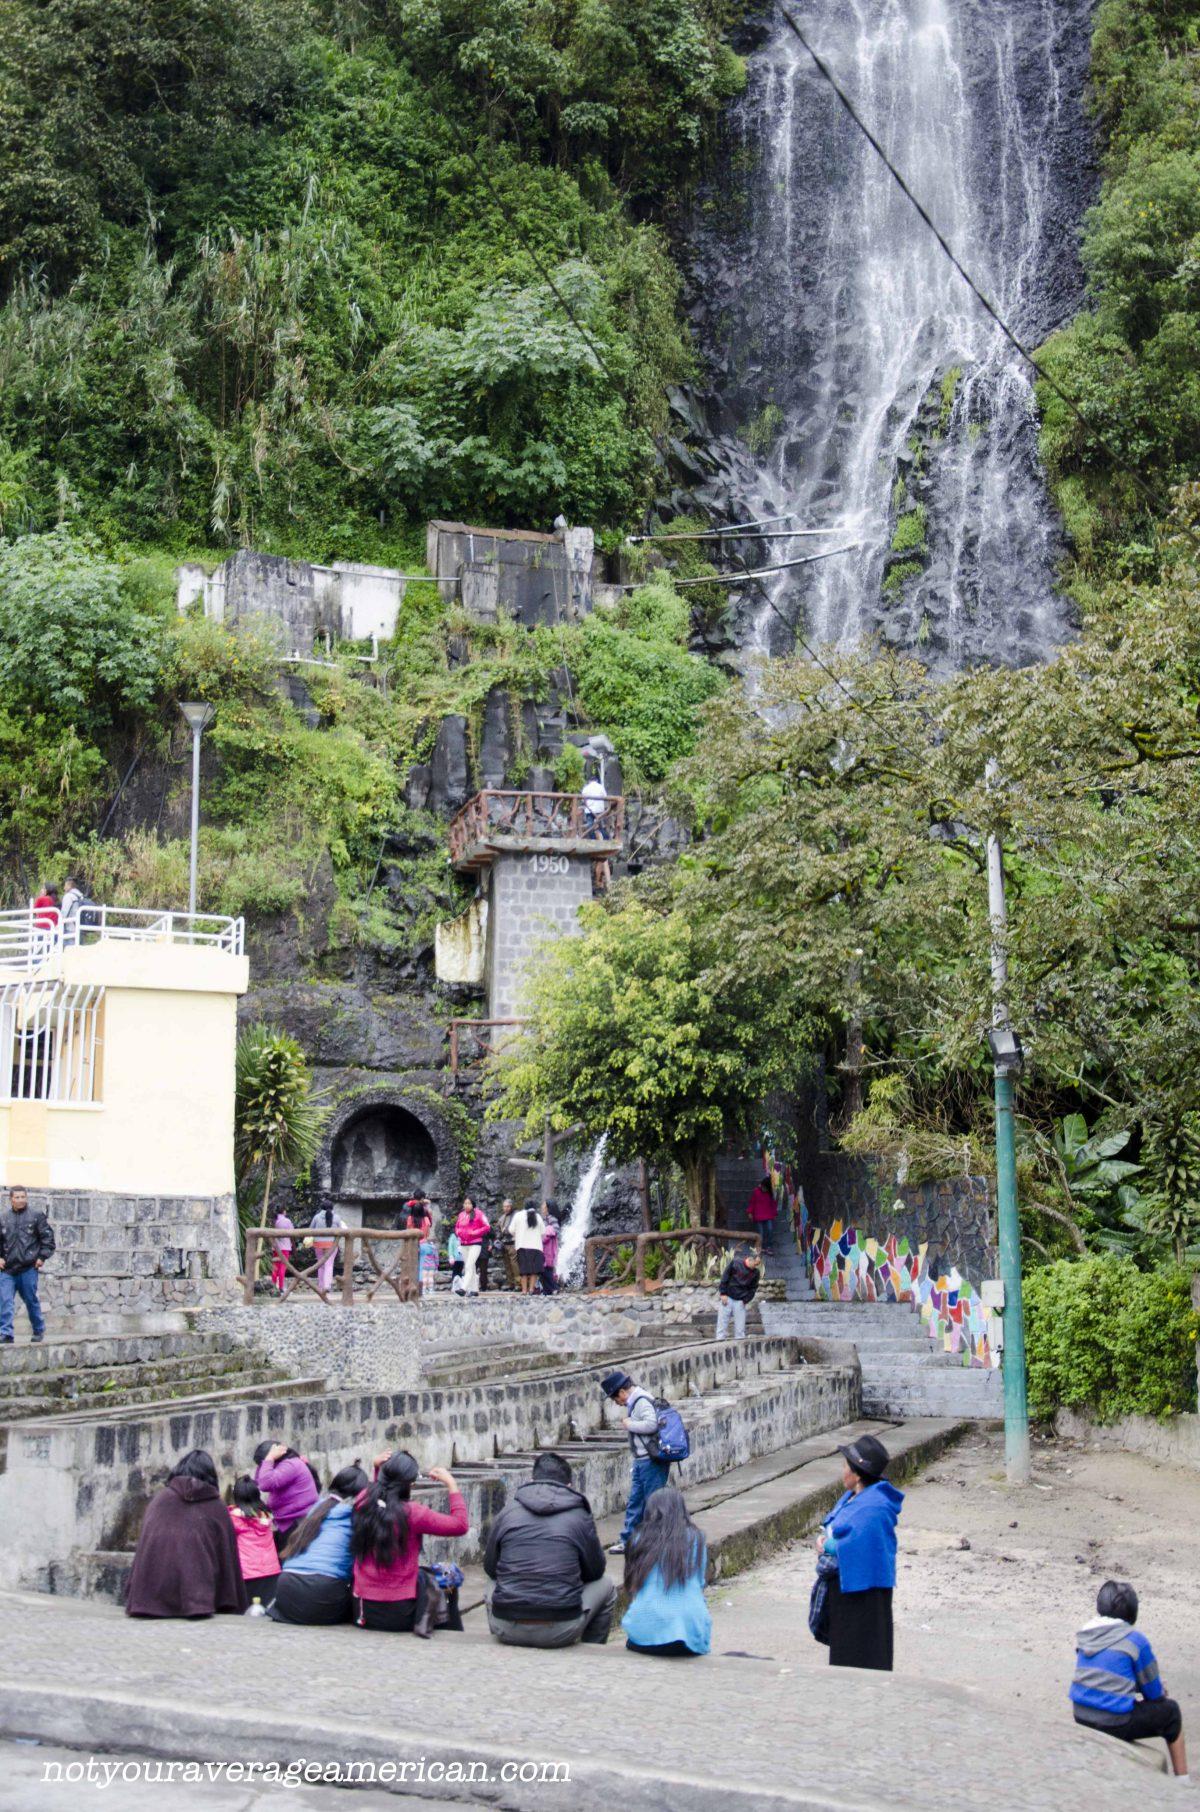 Visitors sitting at the base of La Cabellera de la Virgin (the Virgin's Tresses) in Baños, Ecuador.